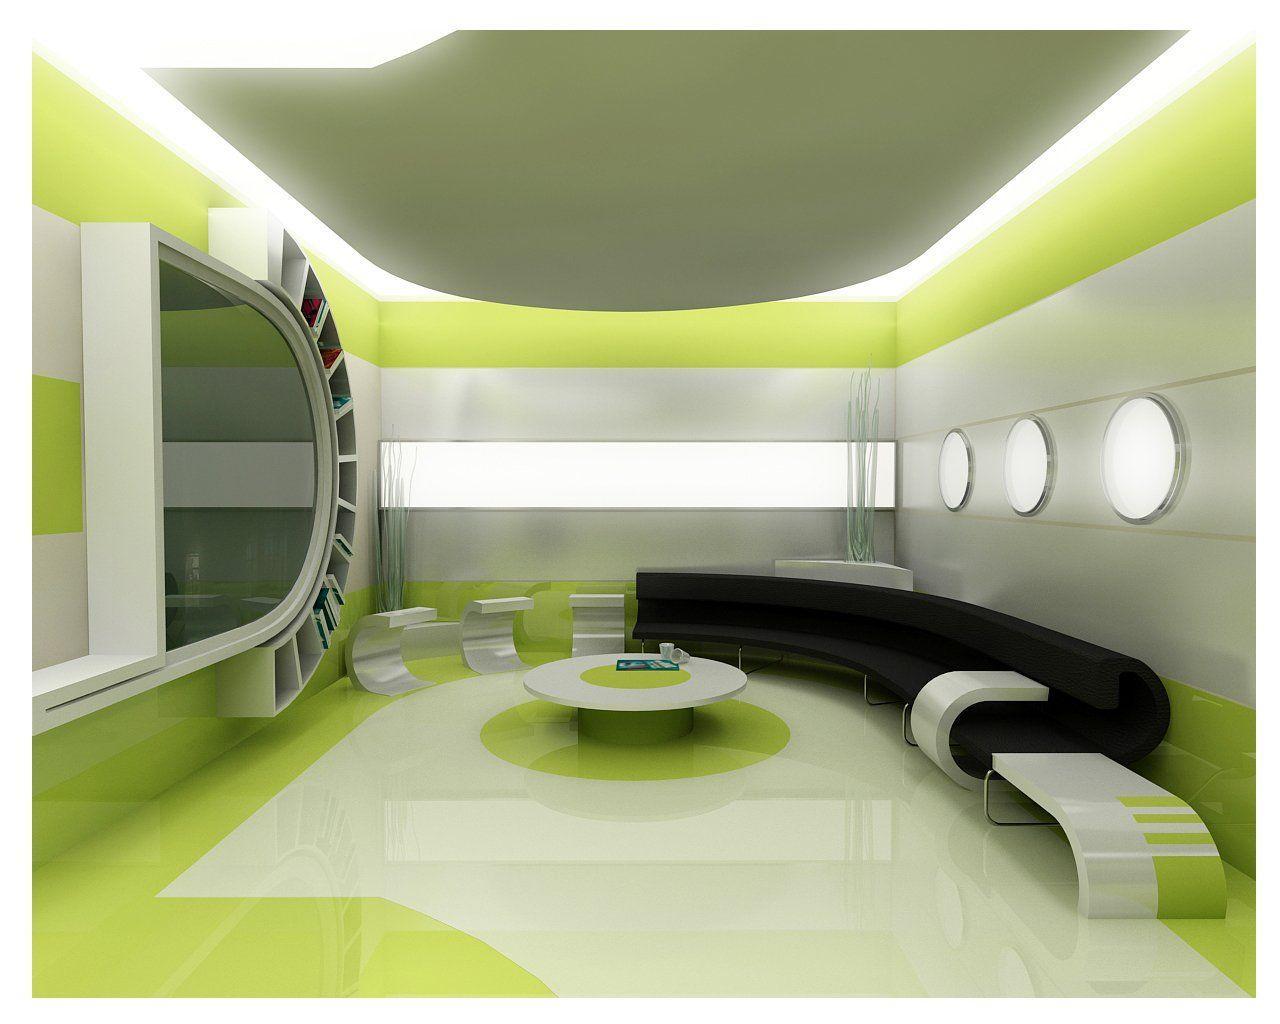 3 d design of a drawing room - GharExpert